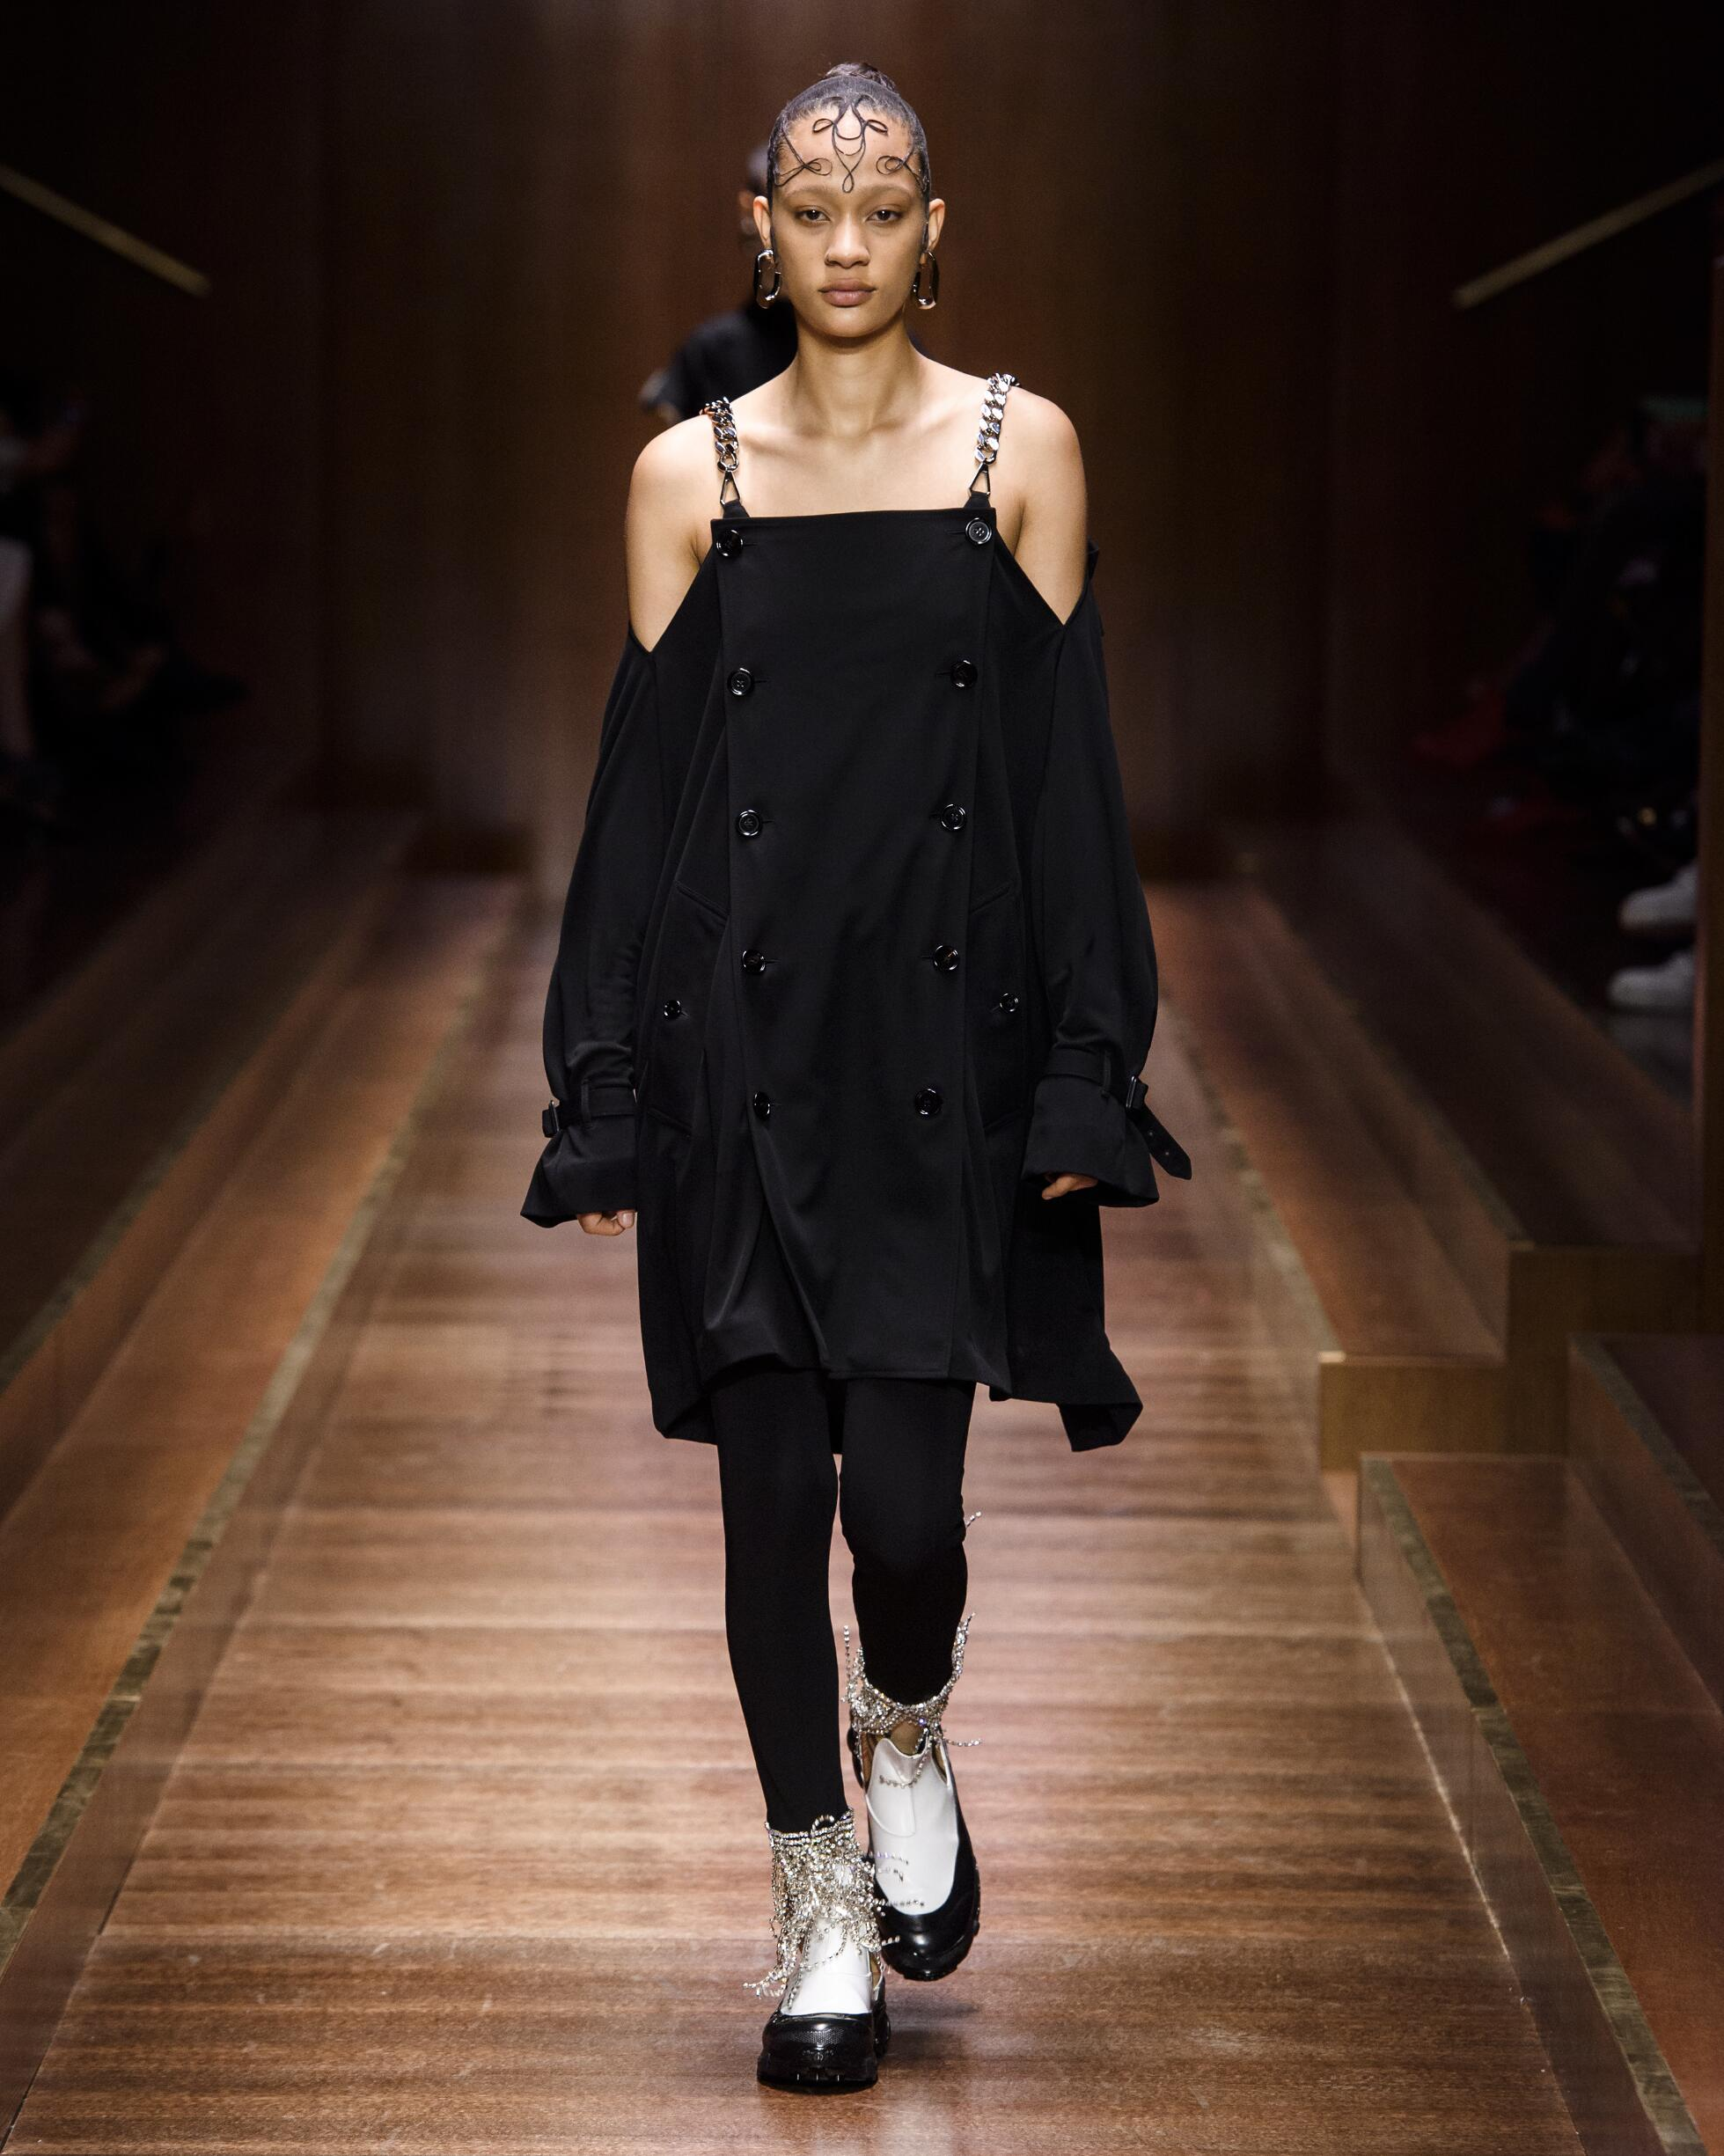 Burberry London Fashion Week Womenswear Trends